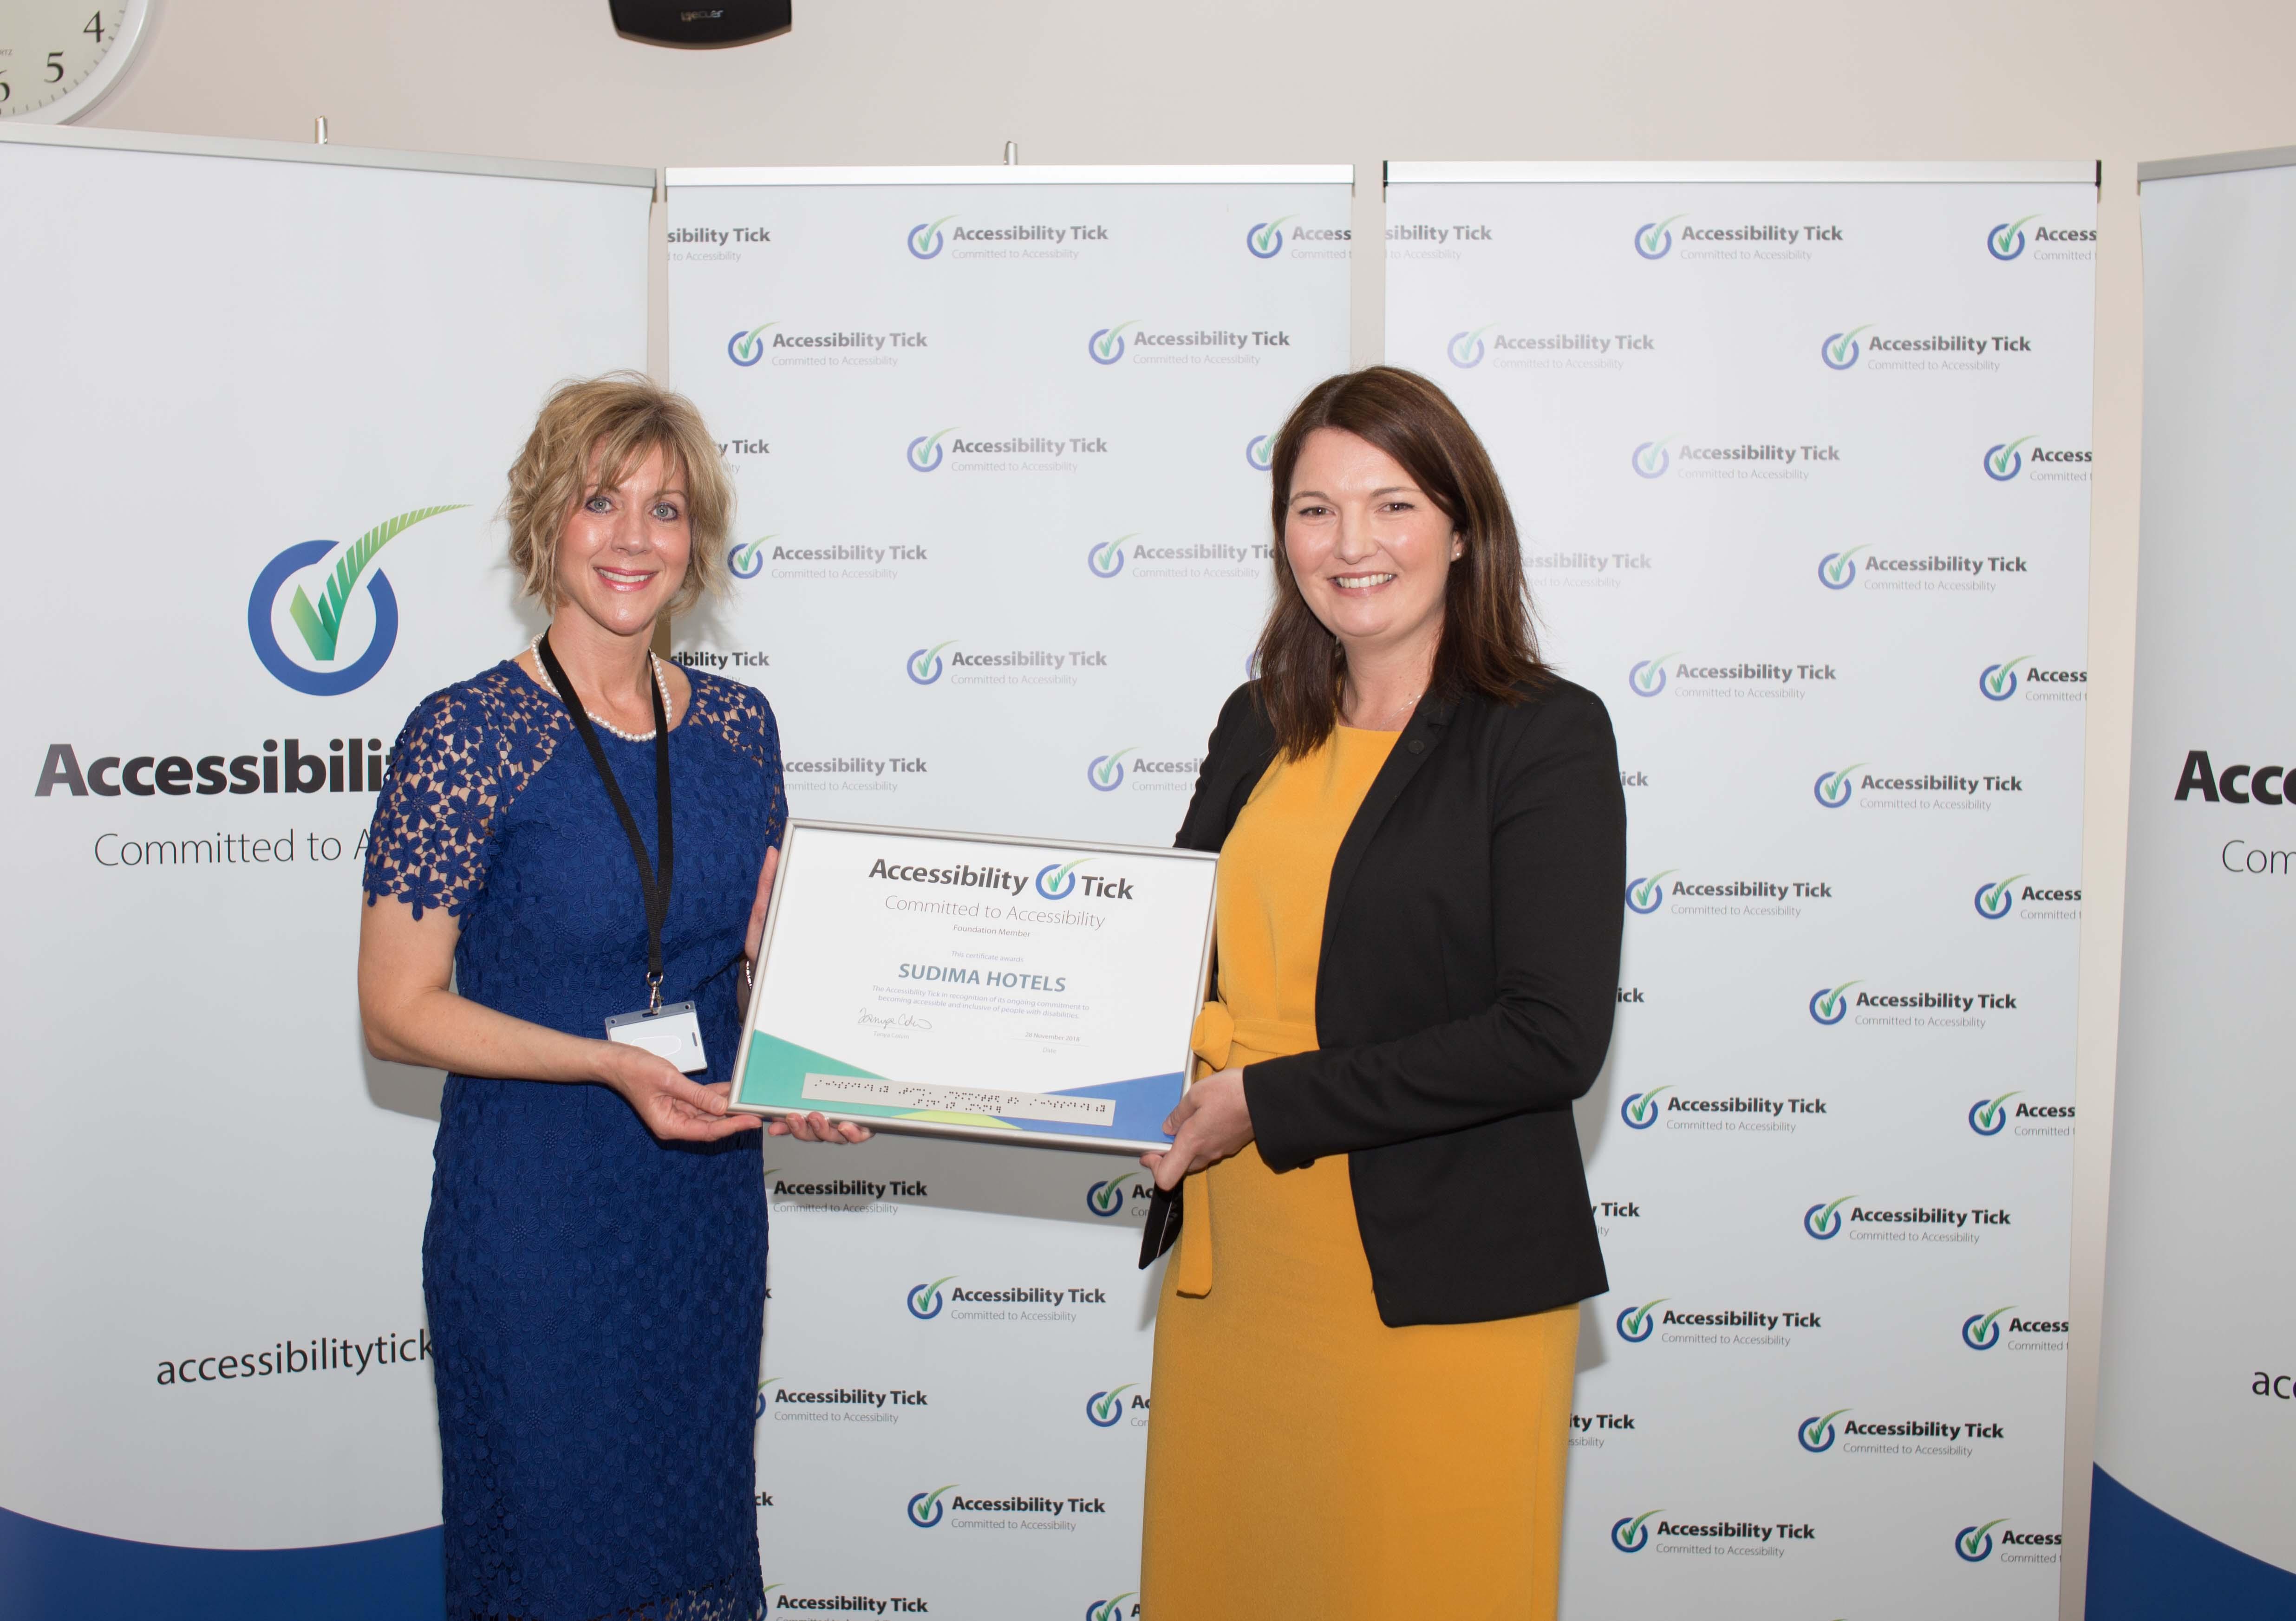 Tanya Colvin presenting the Sudima Hotels certificate to Phillipa Gimmillaro